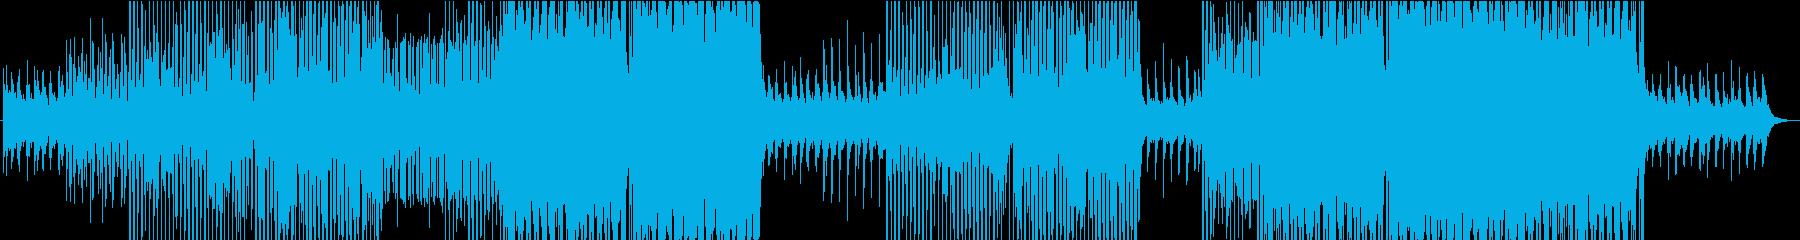 ゆったりとしたトロピカルな南国気分の楽曲の再生済みの波形